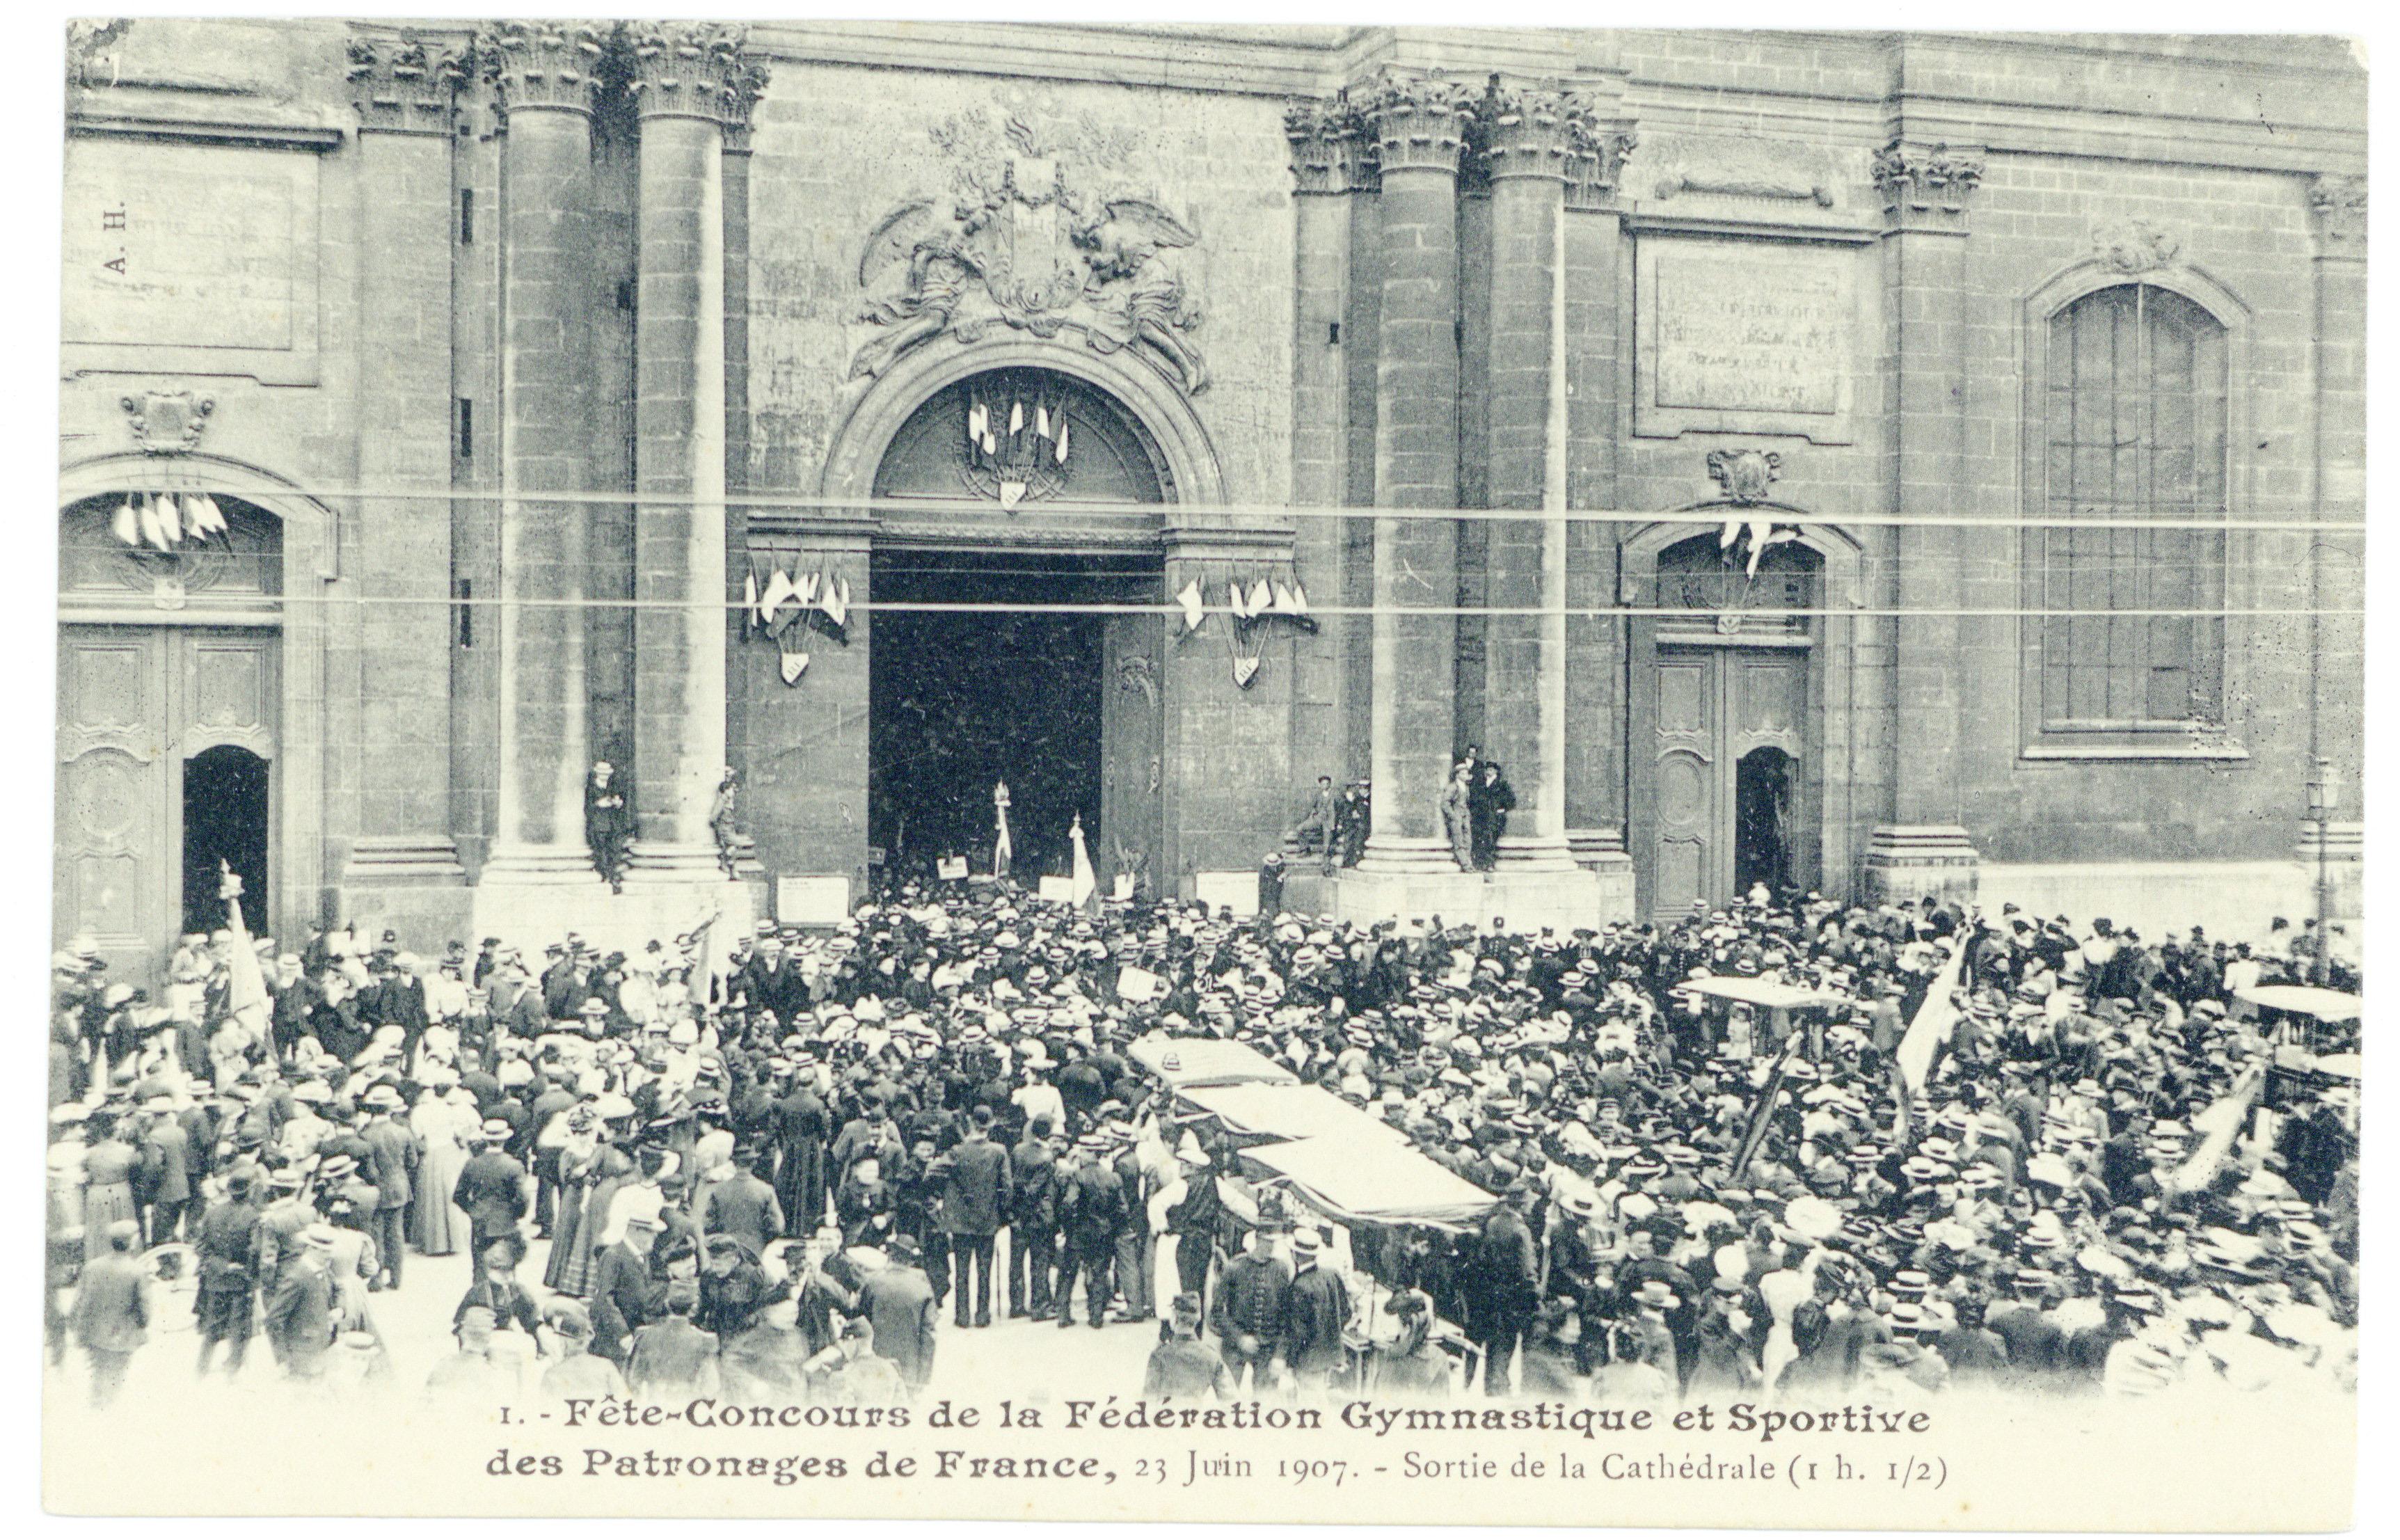 Contenu du Fête-Concours de la Fédération Gymnastique et Sportive des patronages de France, 23 juin 1907. Sortie de la cathédrale (1h. 1/2)